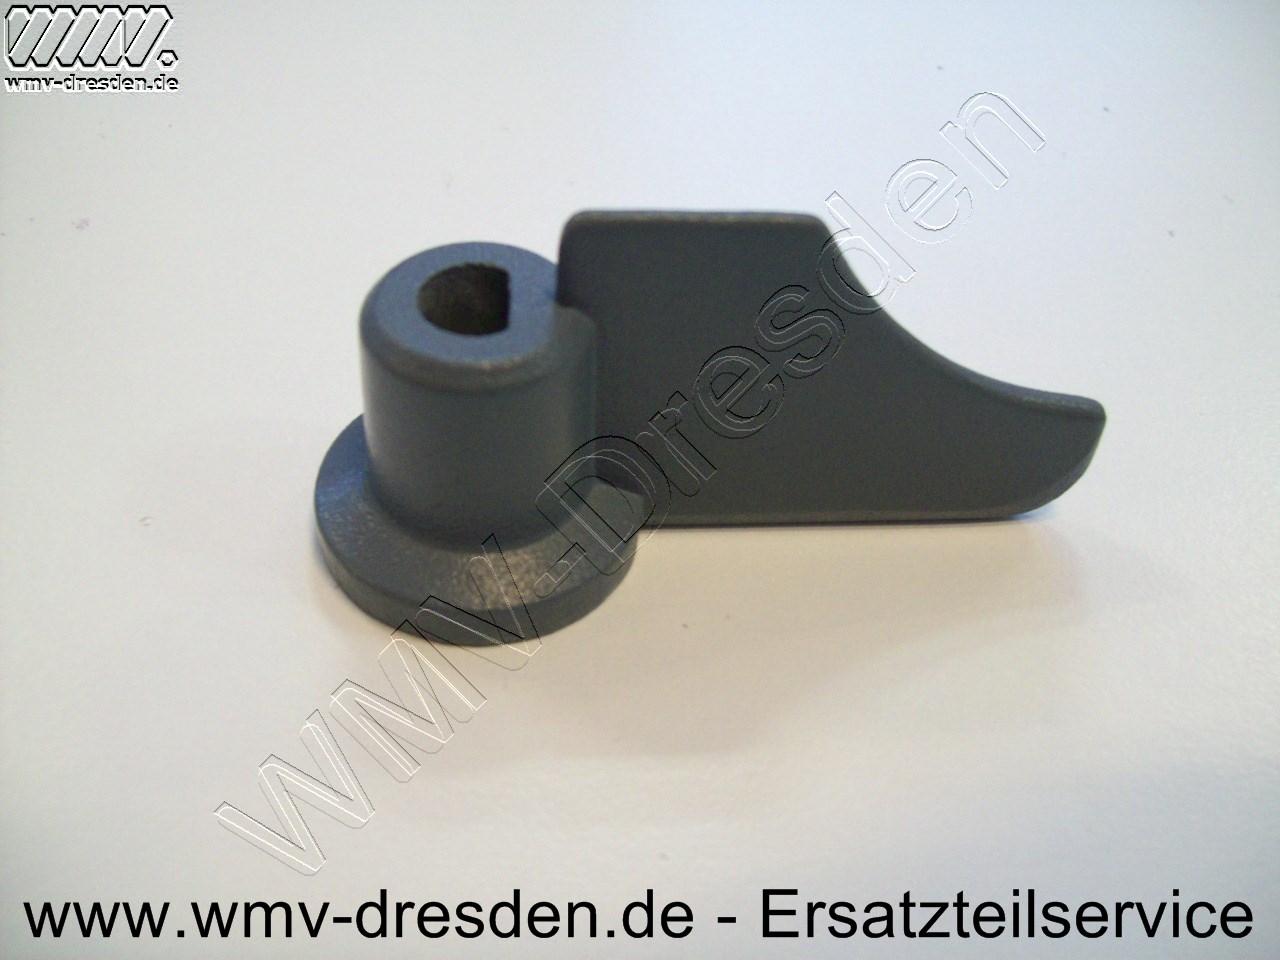 1 Knethaken für CBM 2000 B / NF 3530